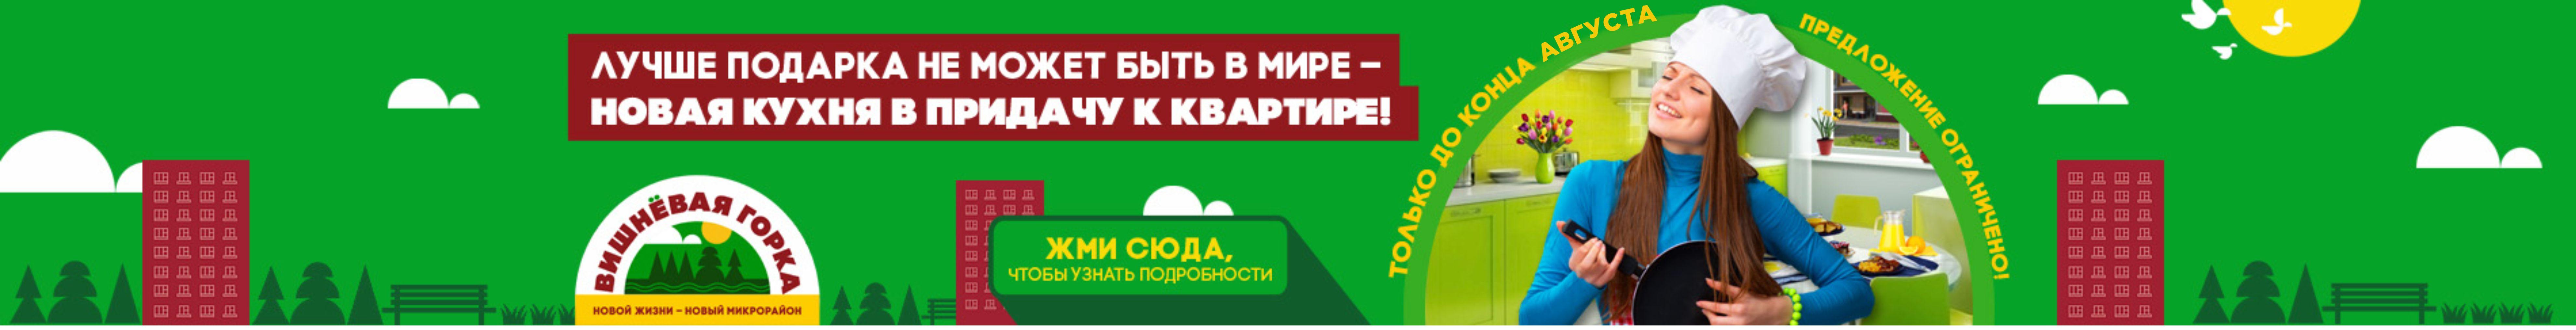 http://xn--174-2ddak2ayk9h.xn--p1ai/project/vishnevaya-gorka/akciya-kuhnya-v-podarok